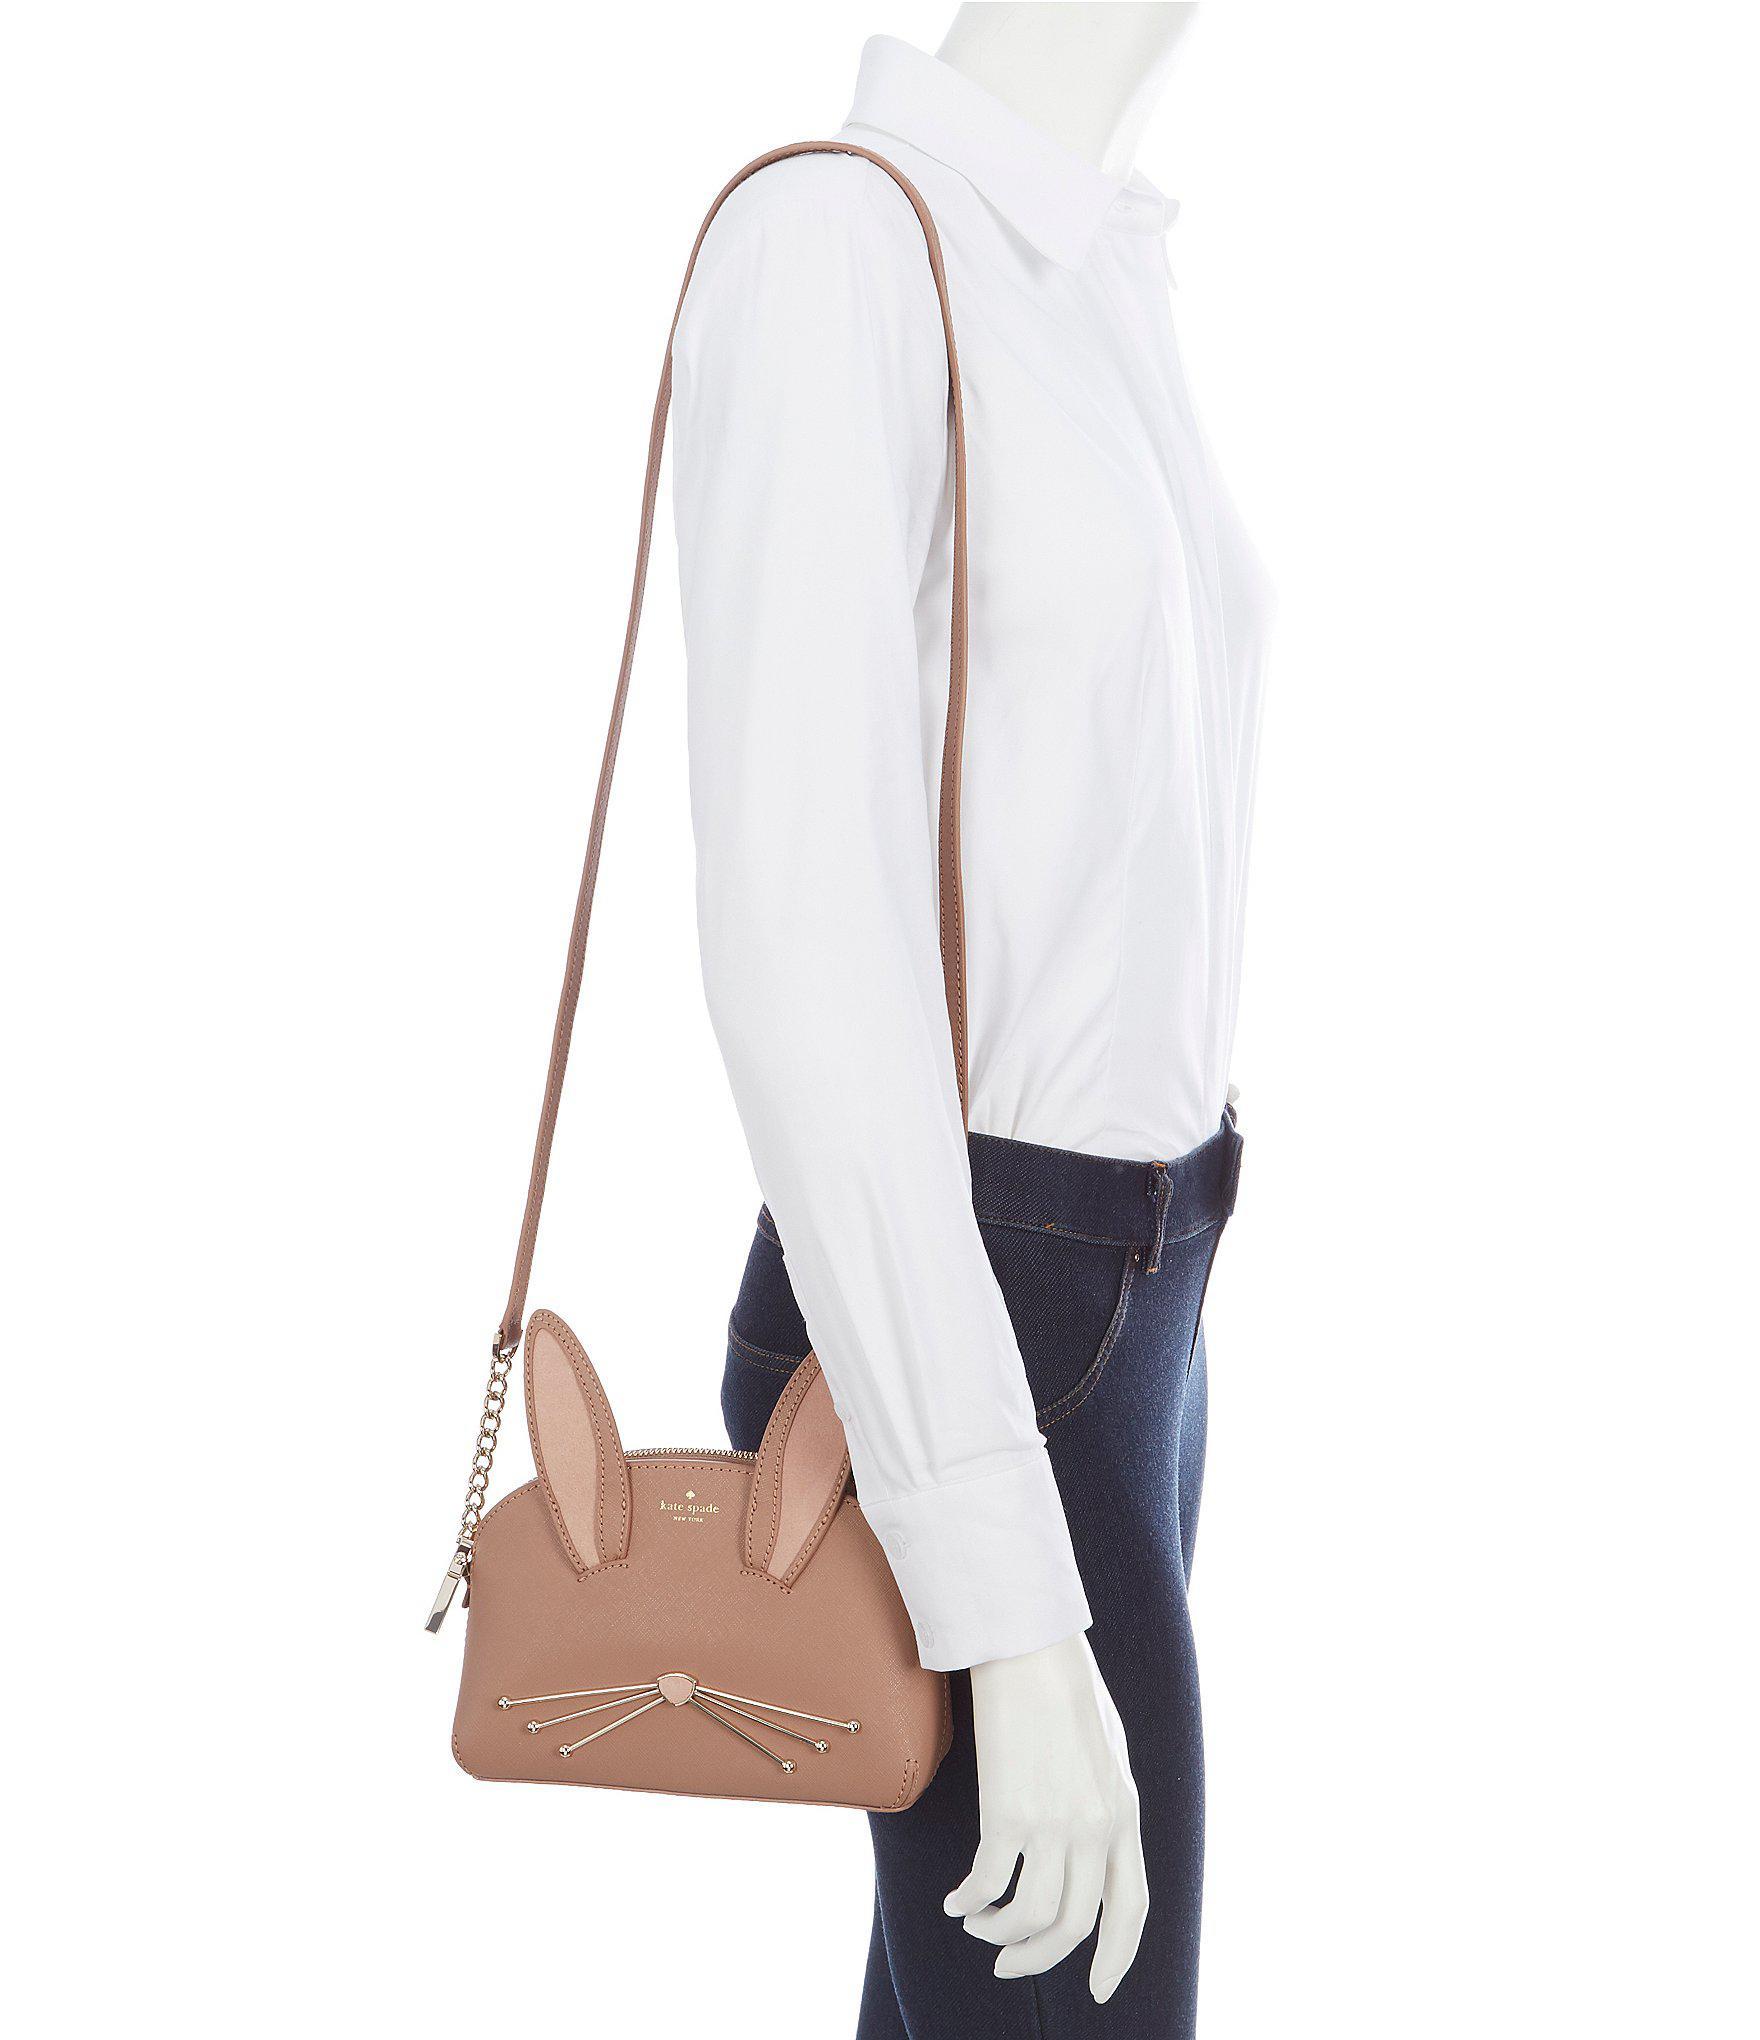 69149133fef7 Lyst - Kate Spade Desert Muse Rabbit Hilli Cross-body Bag